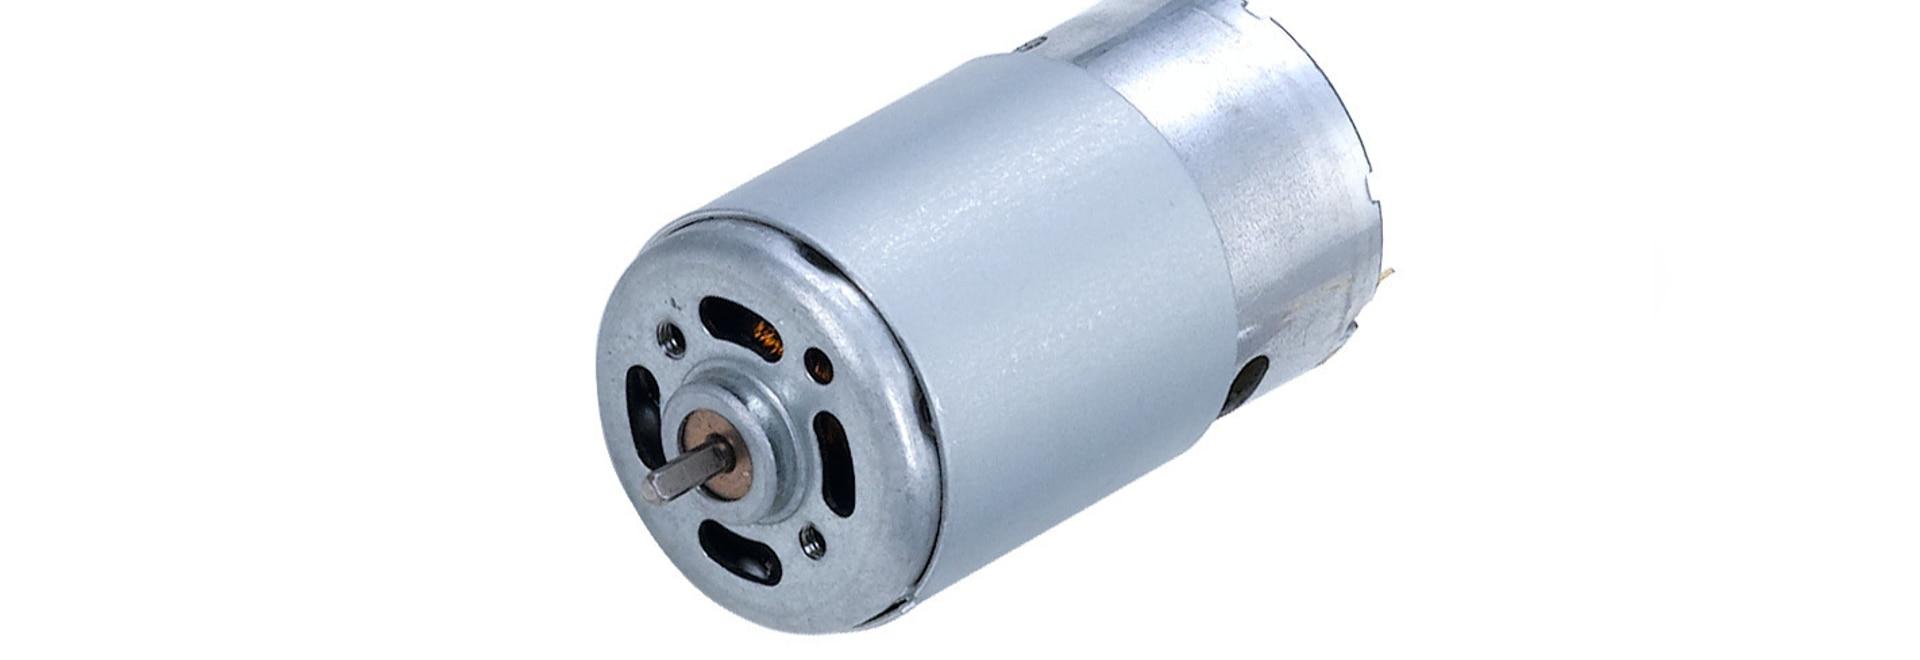 motor de poco ruido DC del motor micro de φ28MM para el aparato electrodoméstico